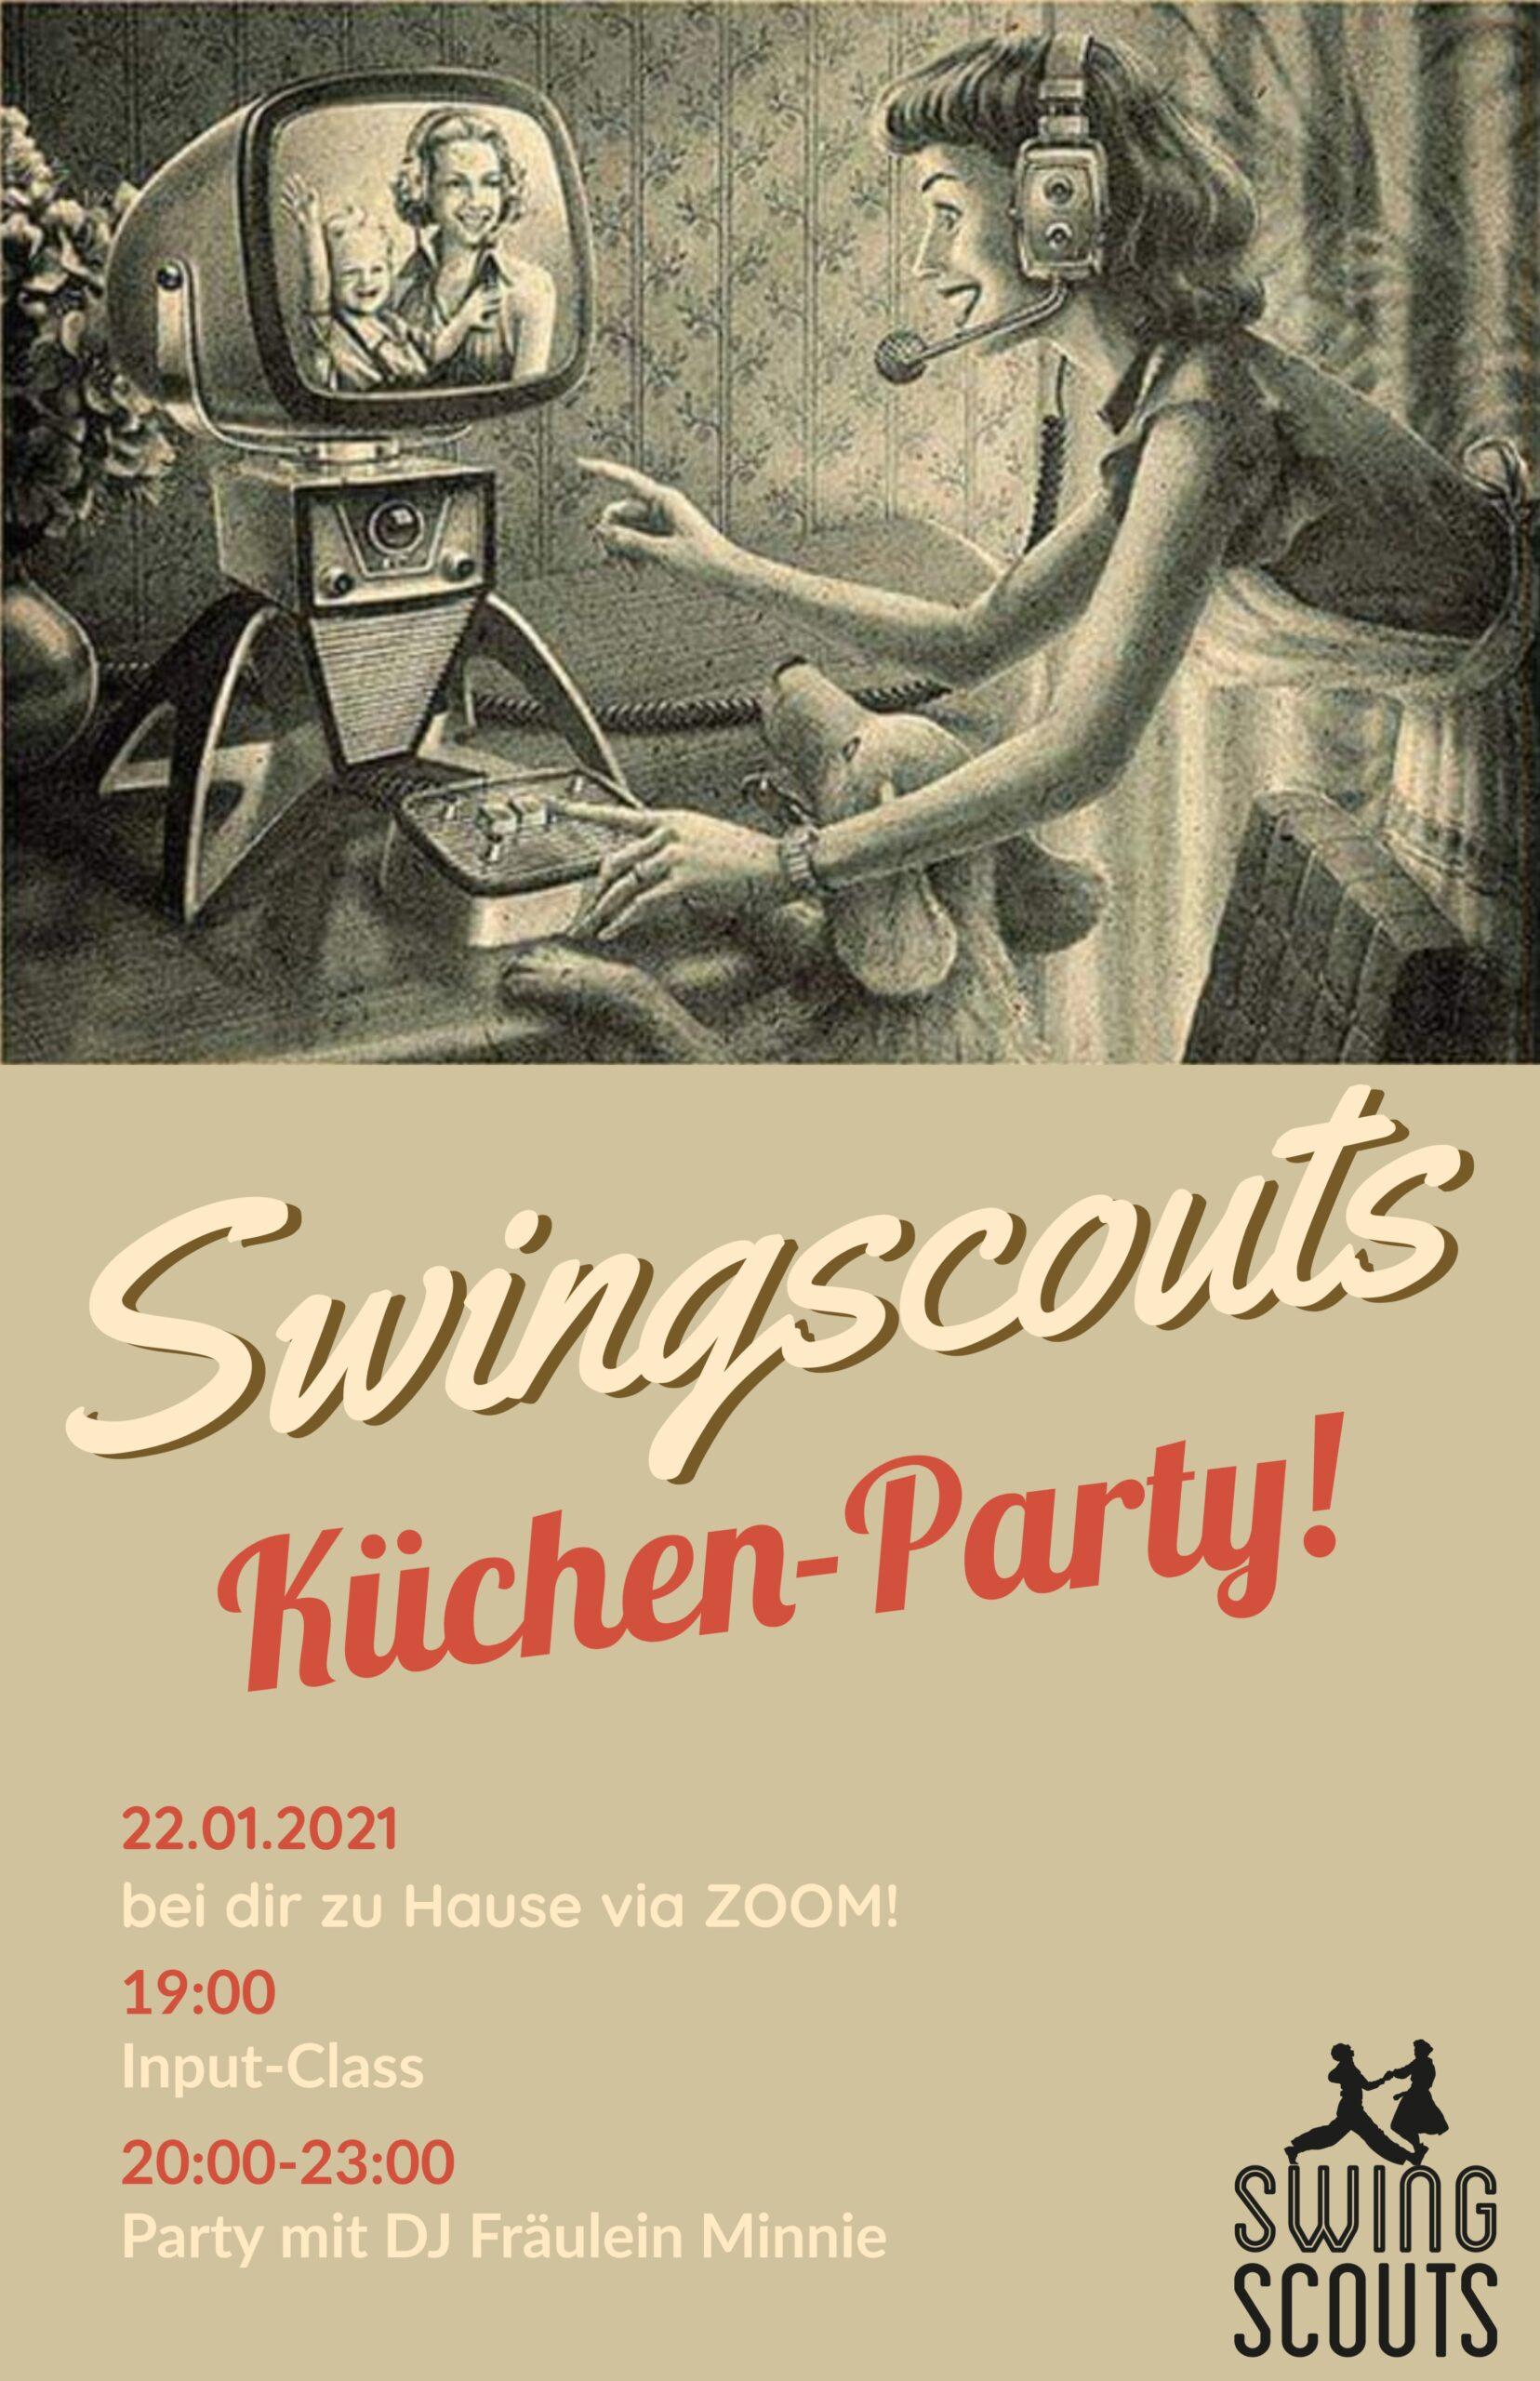 Fr 22.01.2021 Swingscouts-Küchen-Party